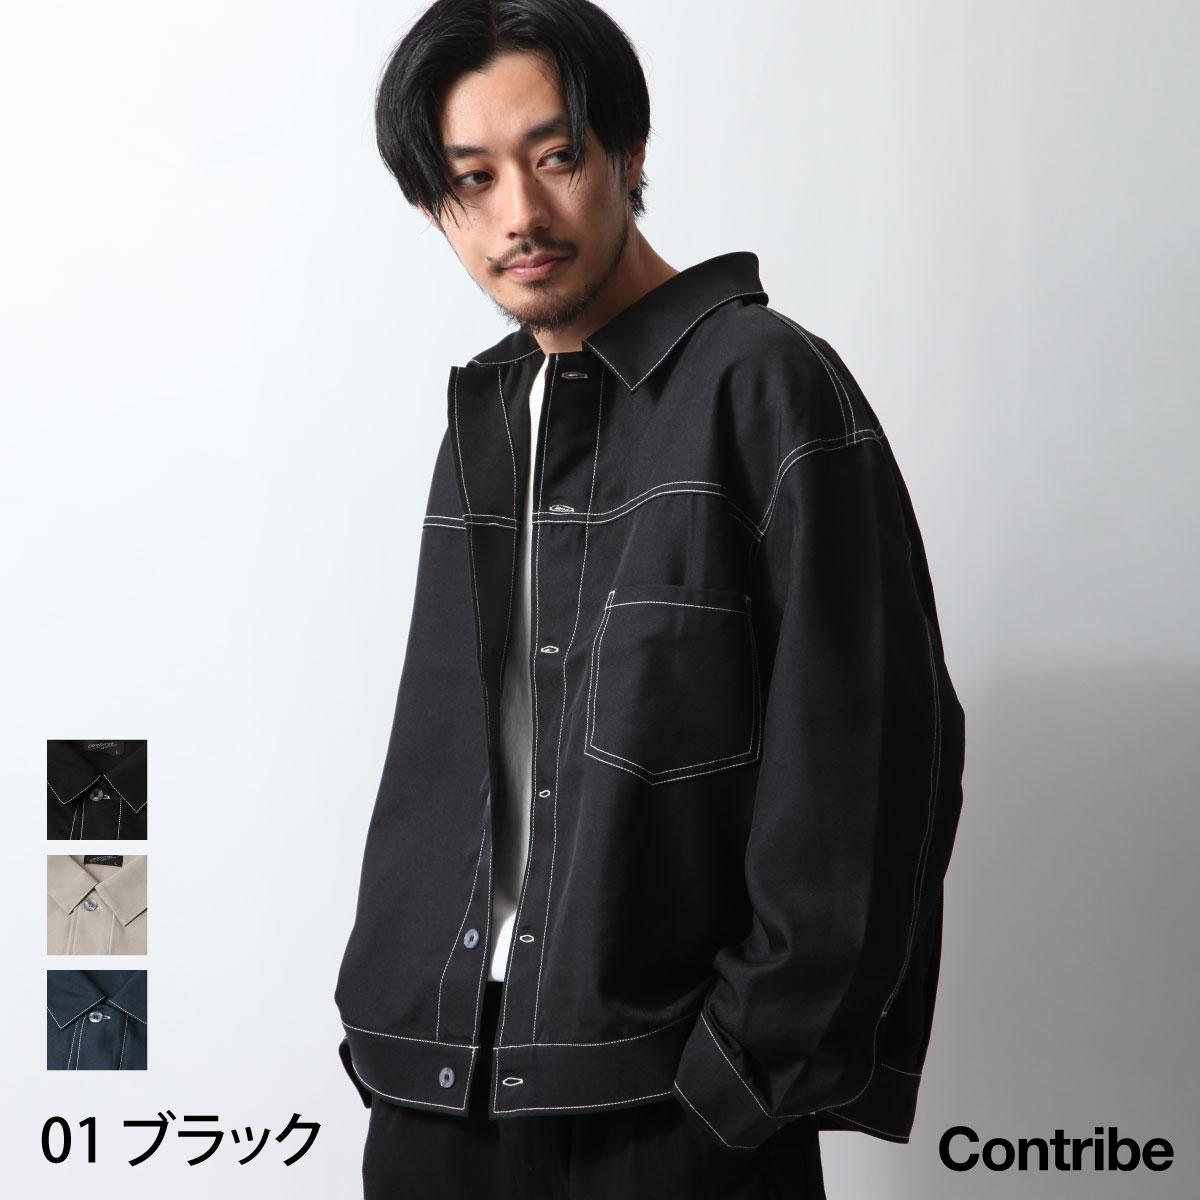 シャツ メンズ カジュアルシャツ ビッグシルエット ステッチワーク 長袖 レギュラーカラー 無地 ZIP ジップ(92703605)